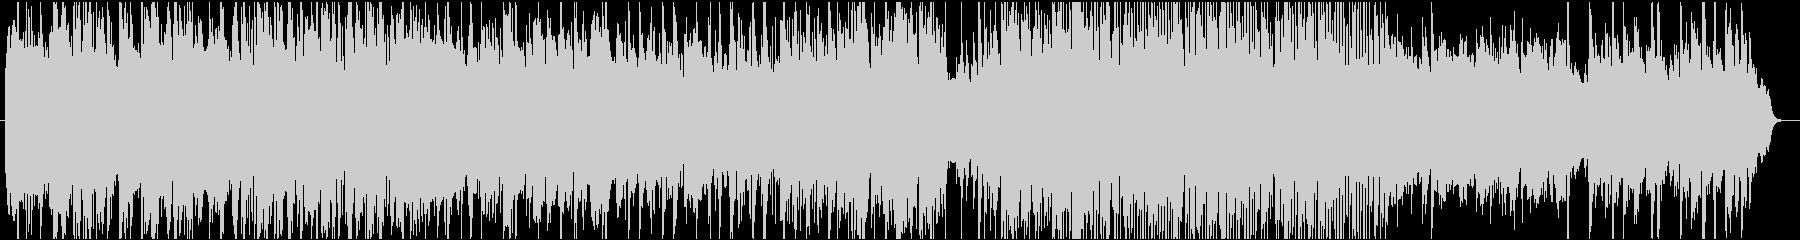 叙情的で牧歌的なクラシックBGMの未再生の波形